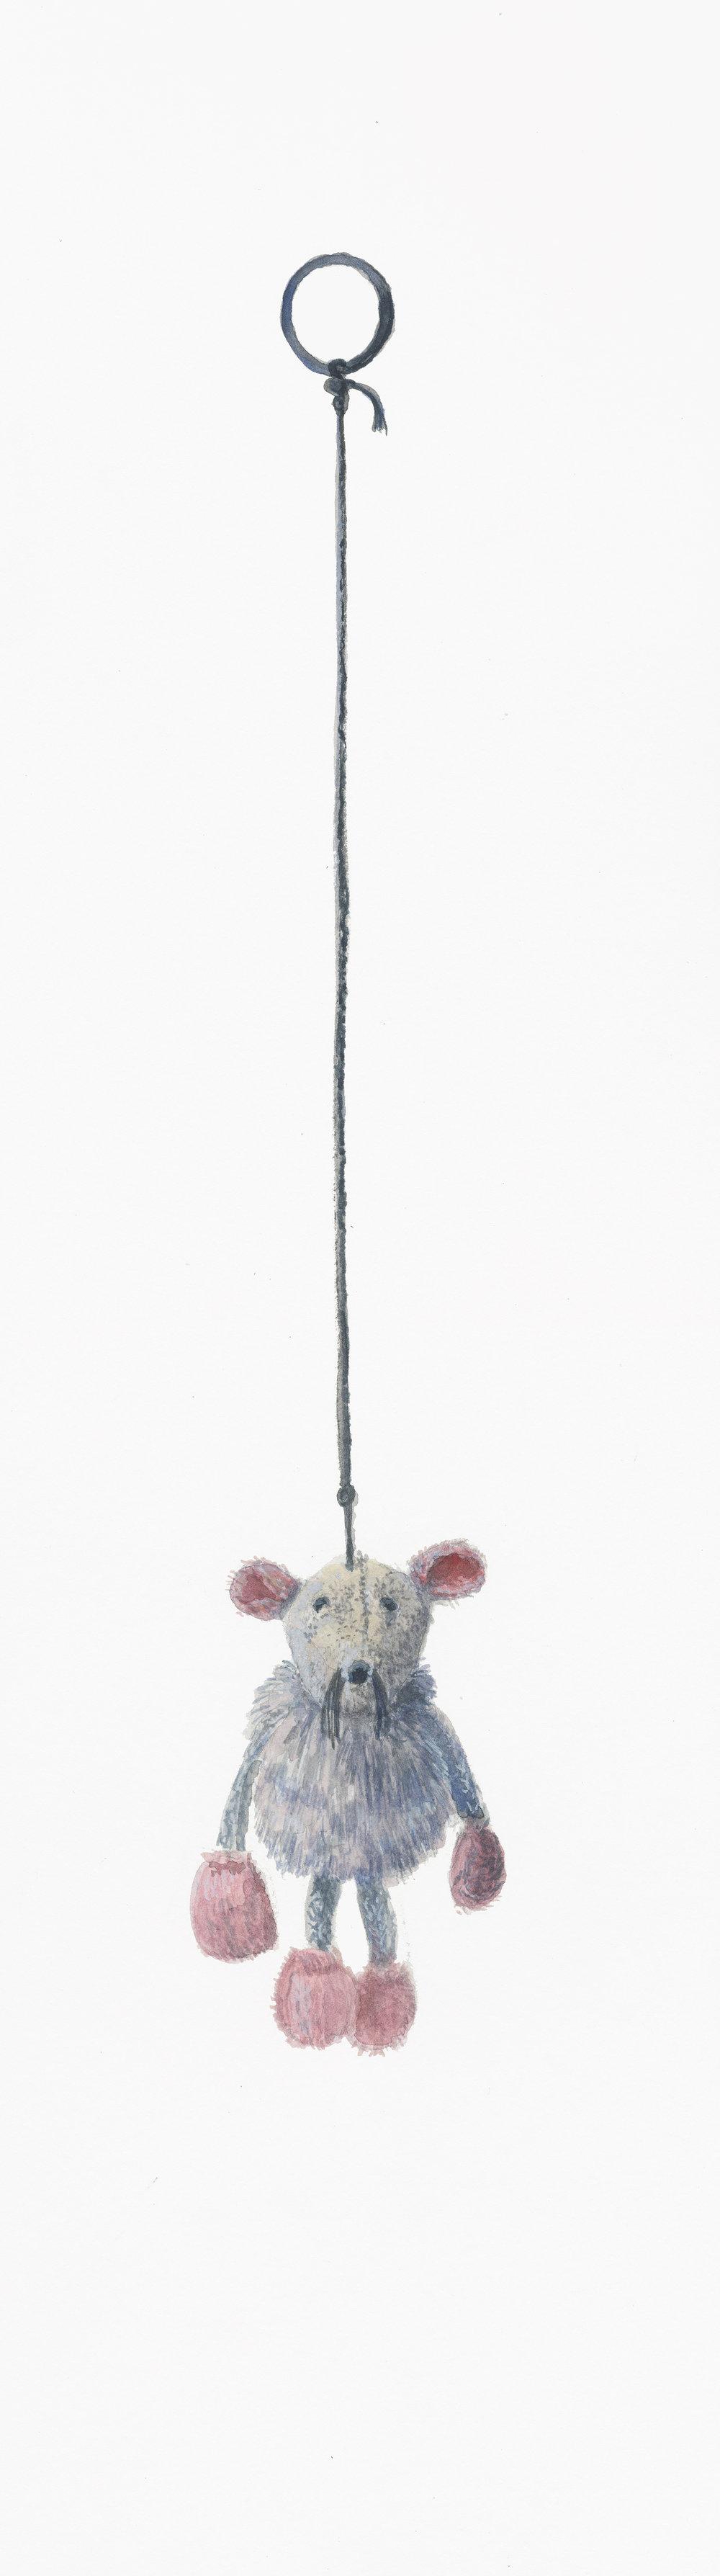 """Rat Boy, 19.25"""" x 5.5"""", watercolor & gouache on paper, 2014"""